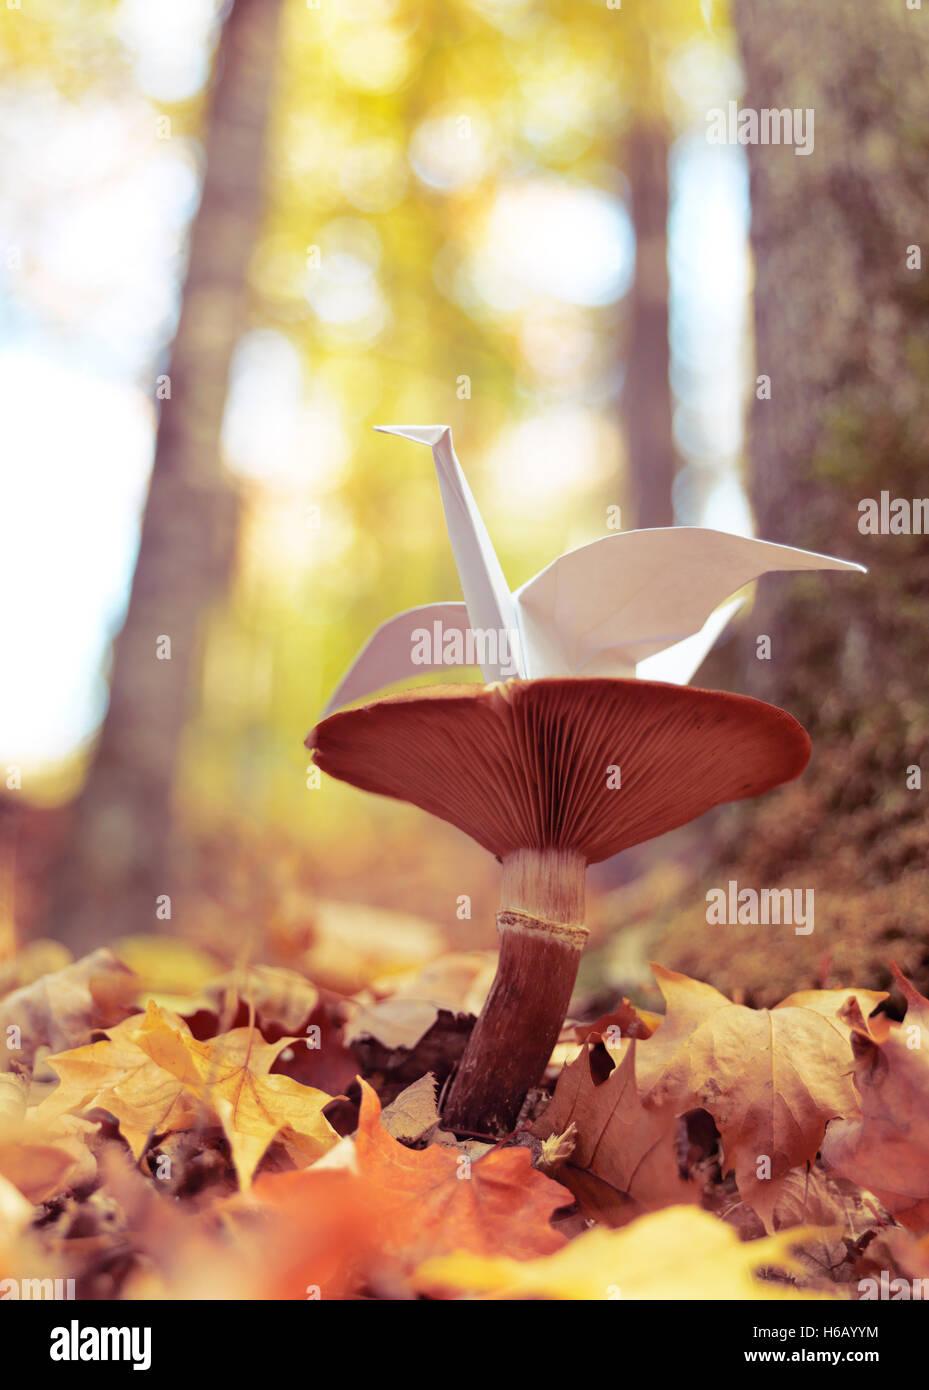 Origami Papier Kran sitzt auf einem Pilz draußen im Herbst Natur-Einstellungen Stockbild